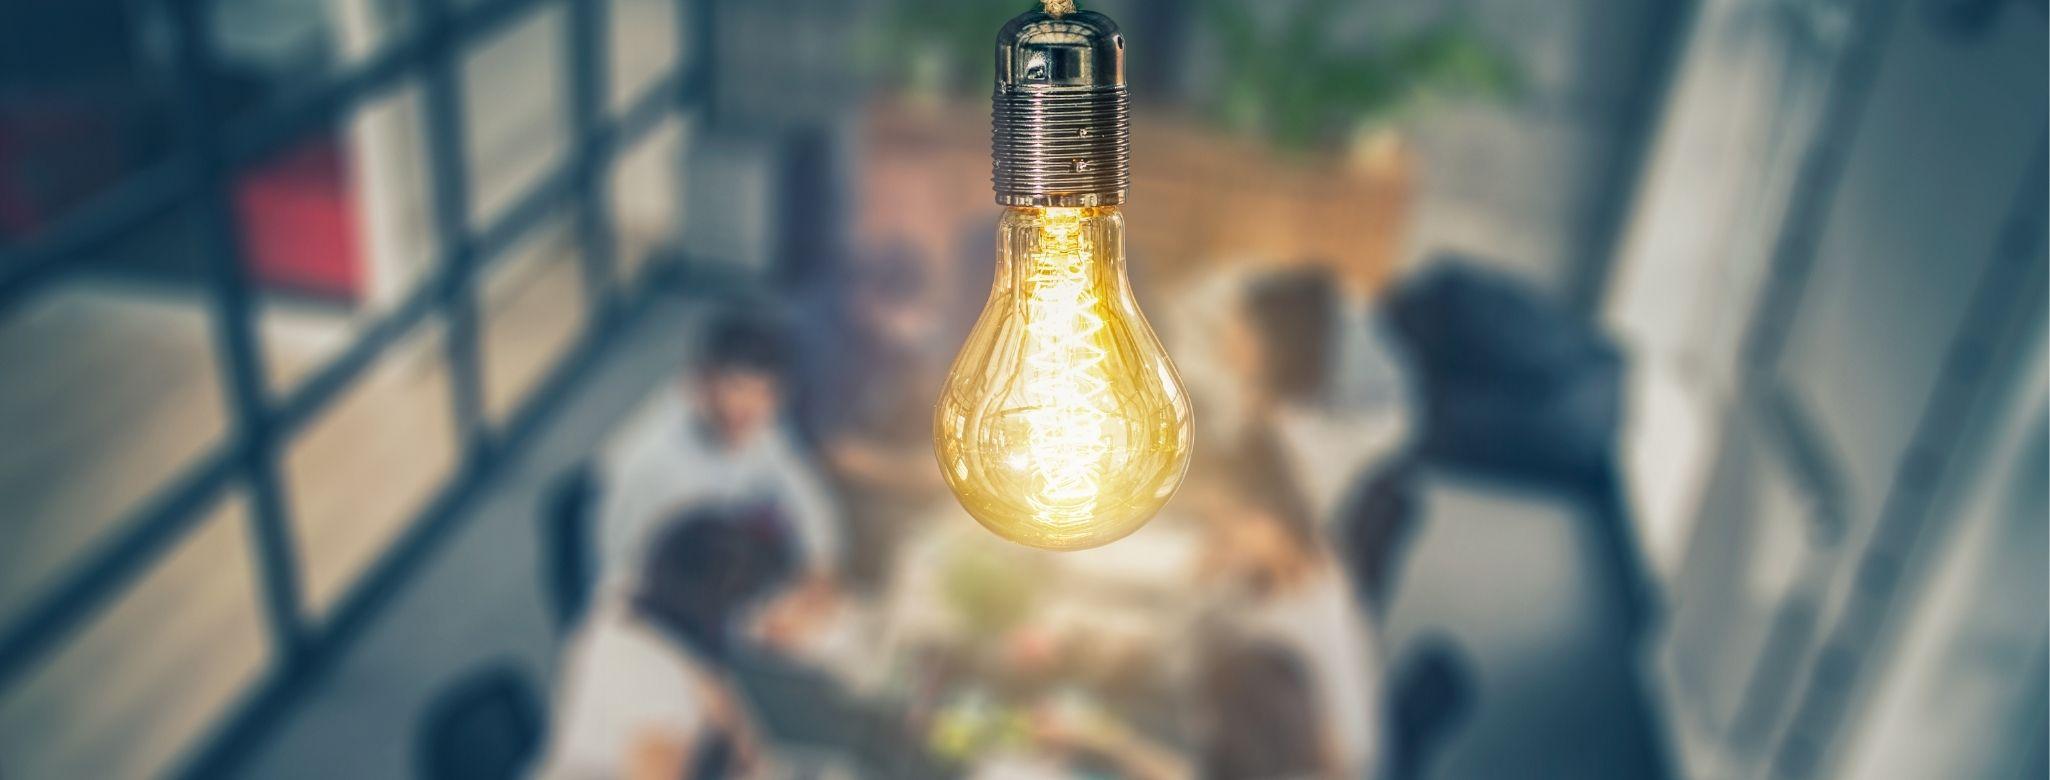 Light bulb illuminating a room.